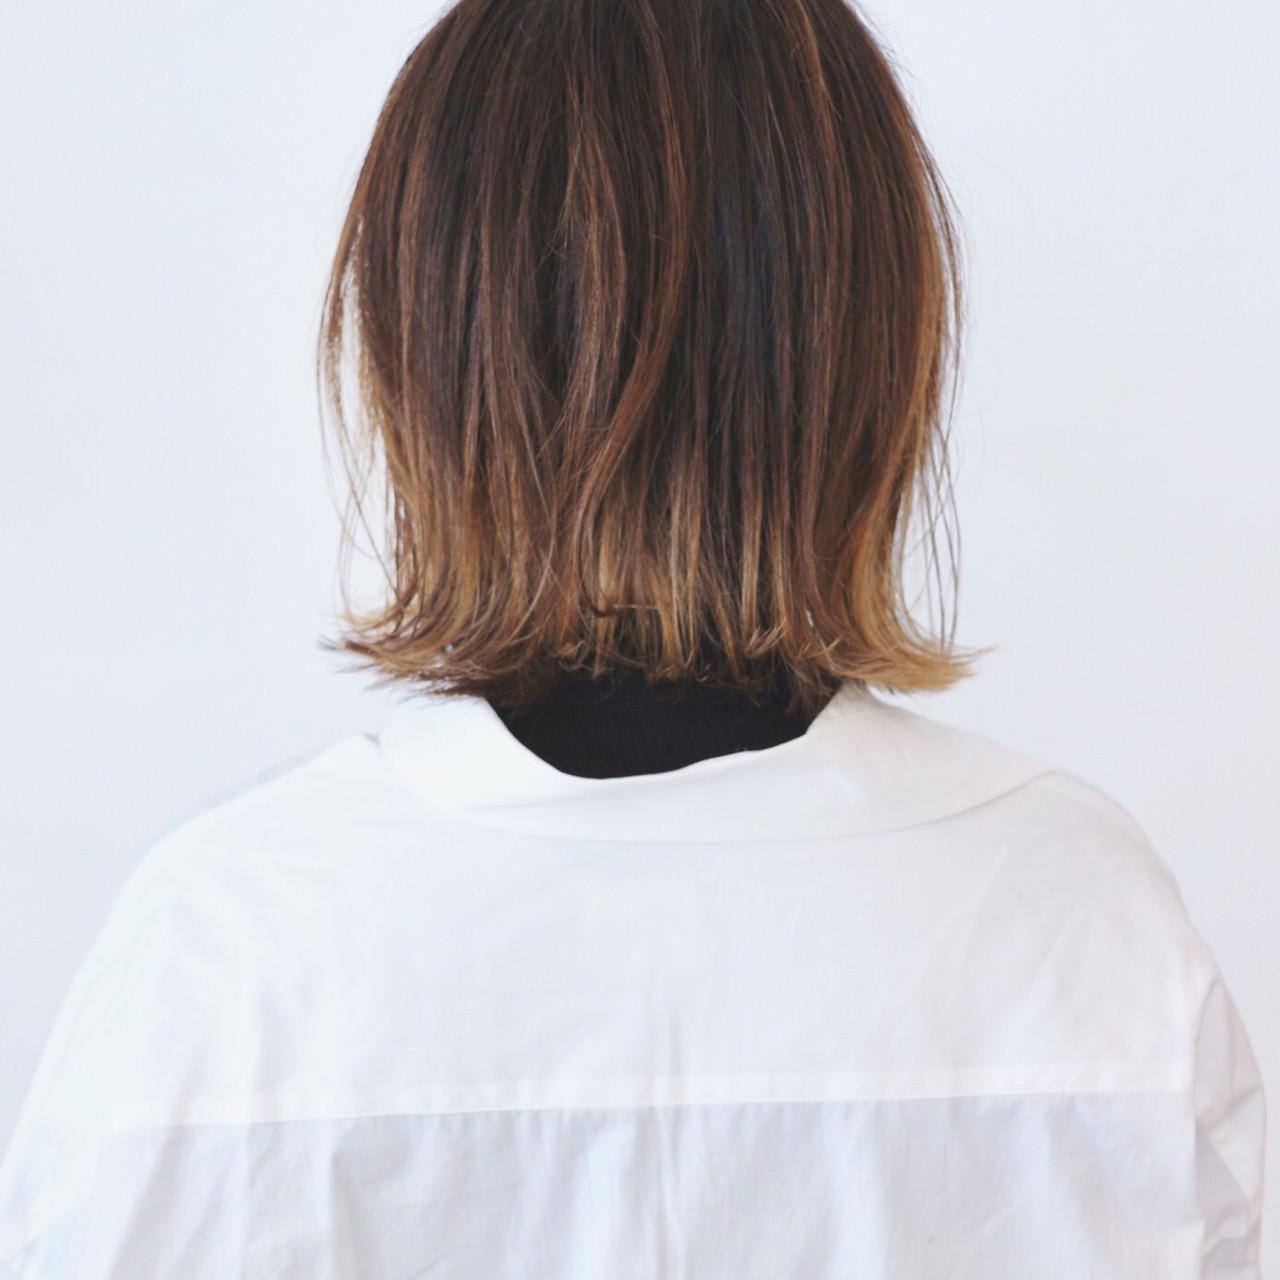 ボブ 切りっぱなしボブ ミディアムレイヤー ミニボブ ヘアスタイルや髪型の写真・画像